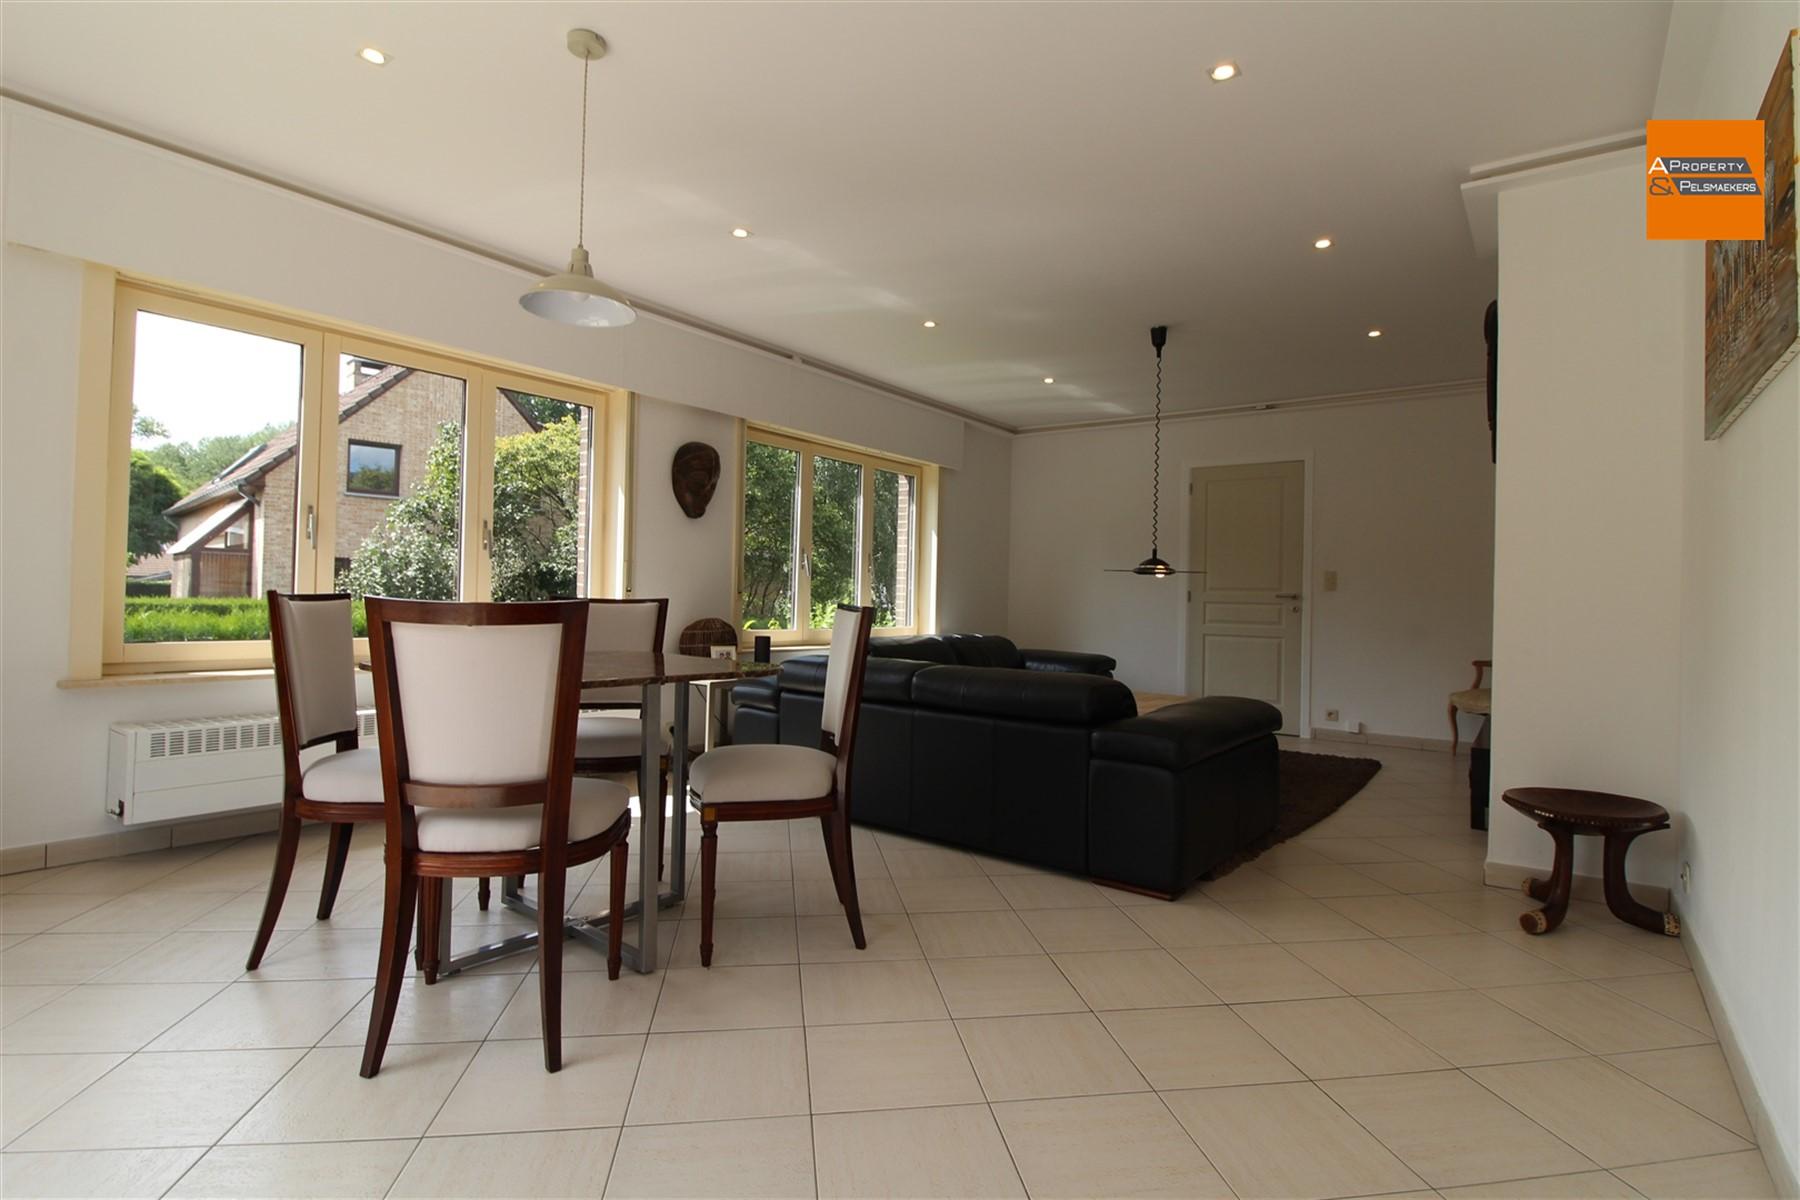 Foto 10 : Huis in 3070 Kortenberg (België) - Prijs € 398.000